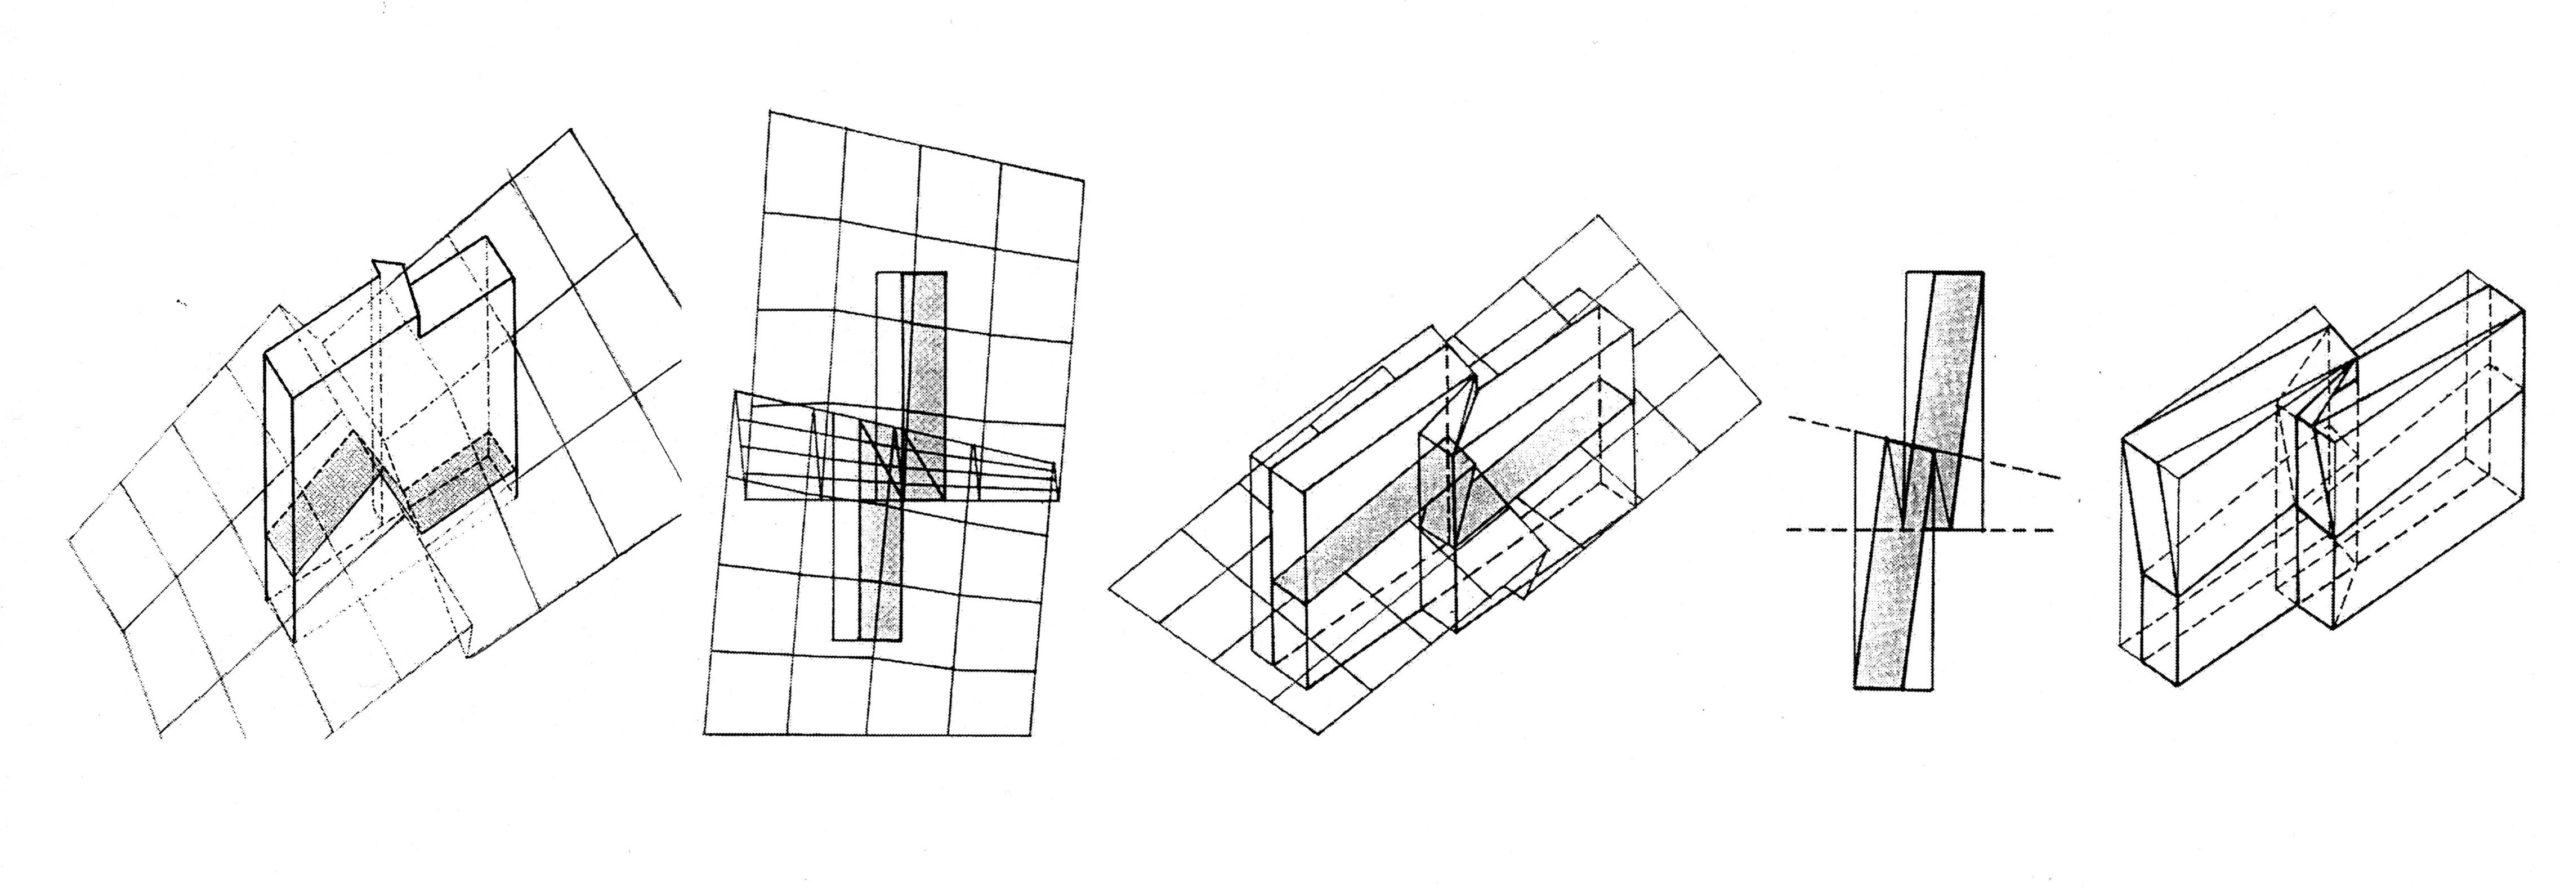 Verfaltungsprozess der Gebäude